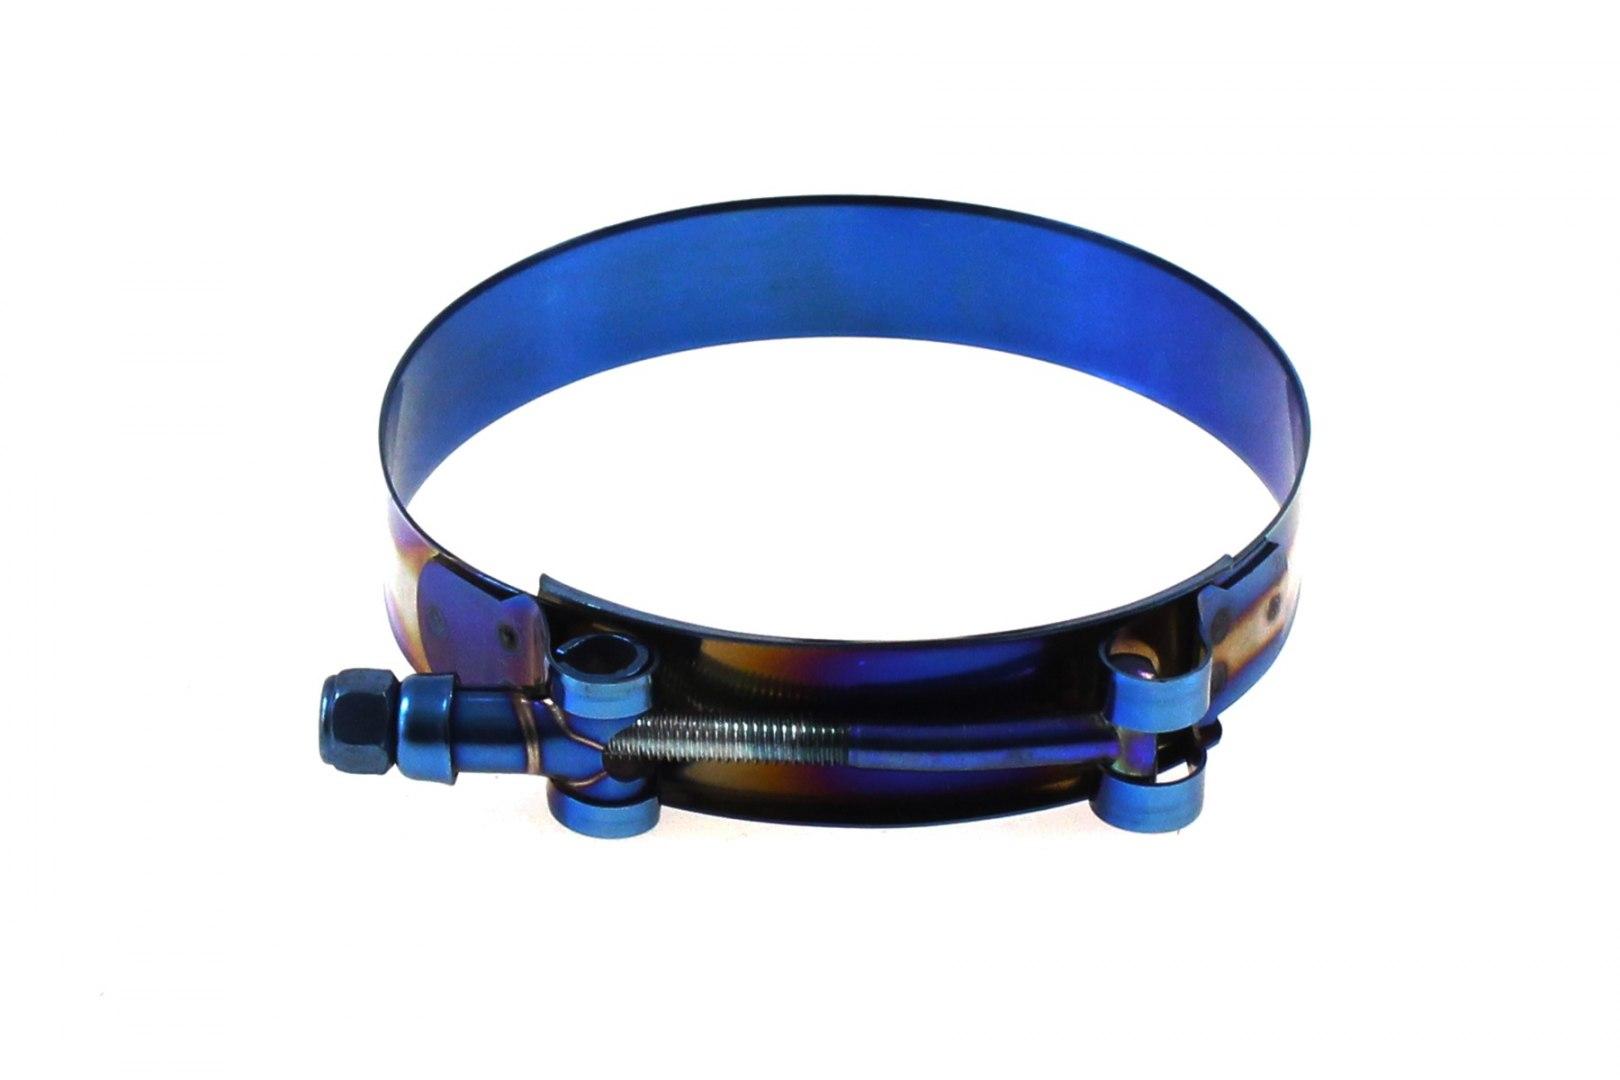 Opaska zaciskowa TurboWorks 59-67mm T-Clamp - GRUBYGARAGE - Sklep Tuningowy